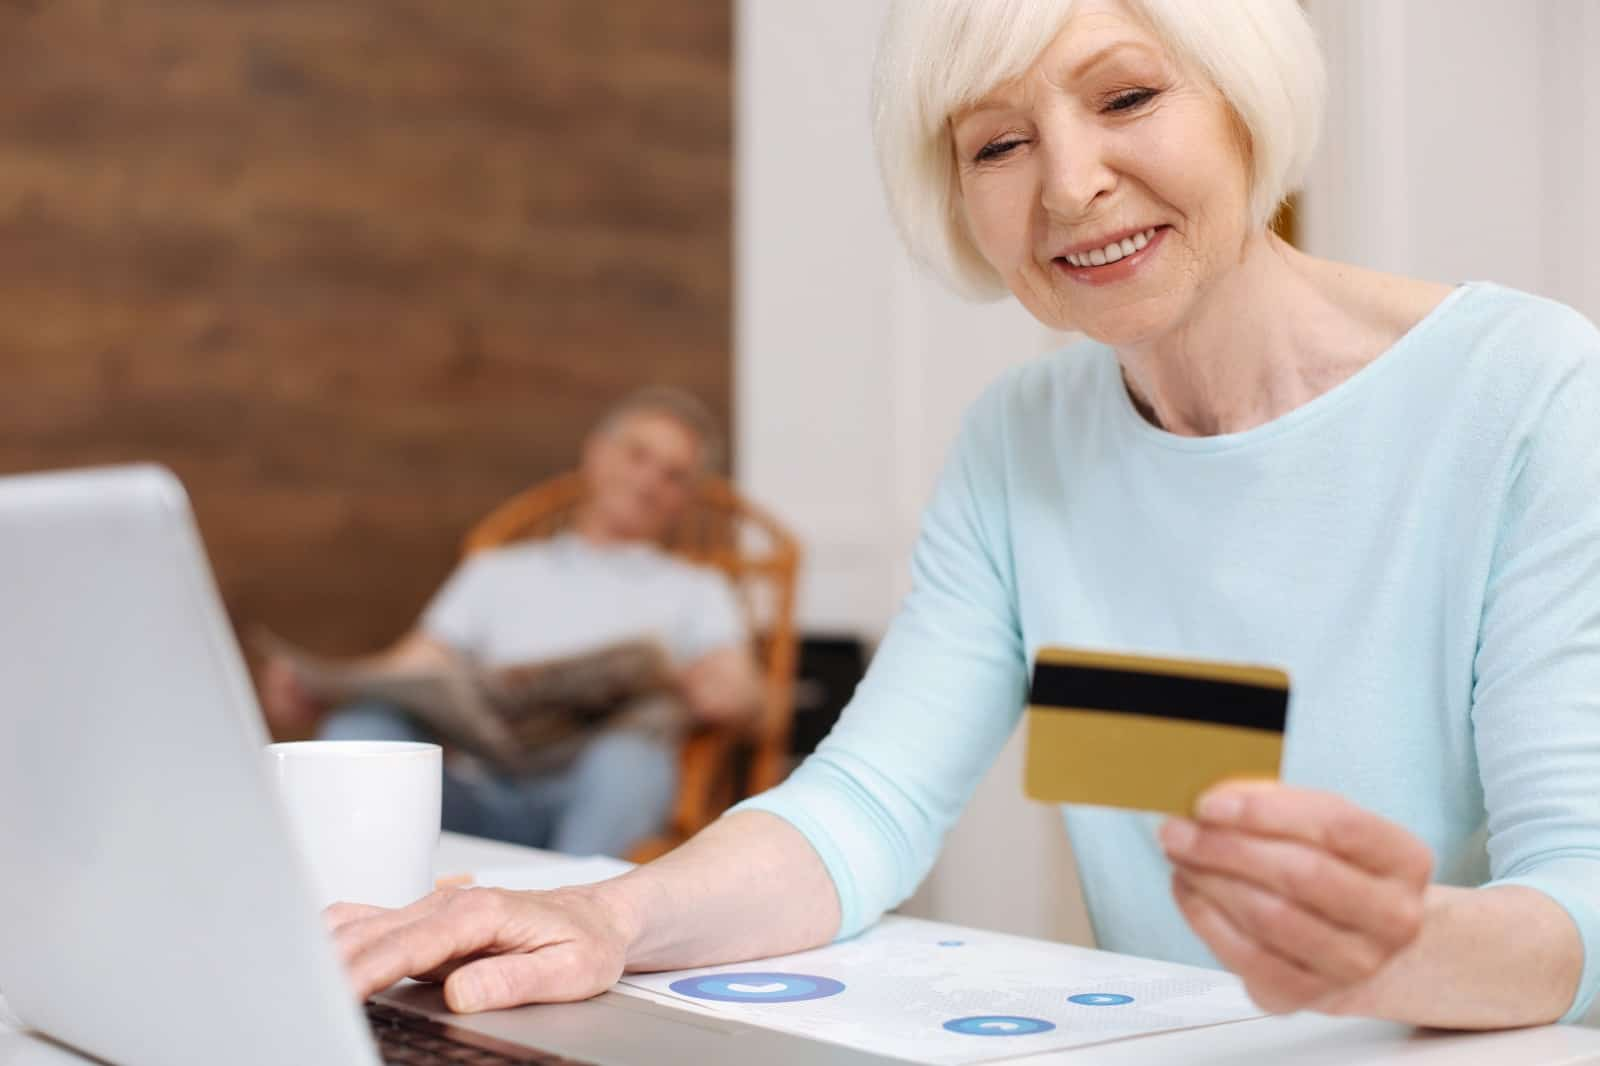 אישה מבוגרת משתמשת במסלקה פנסיונית